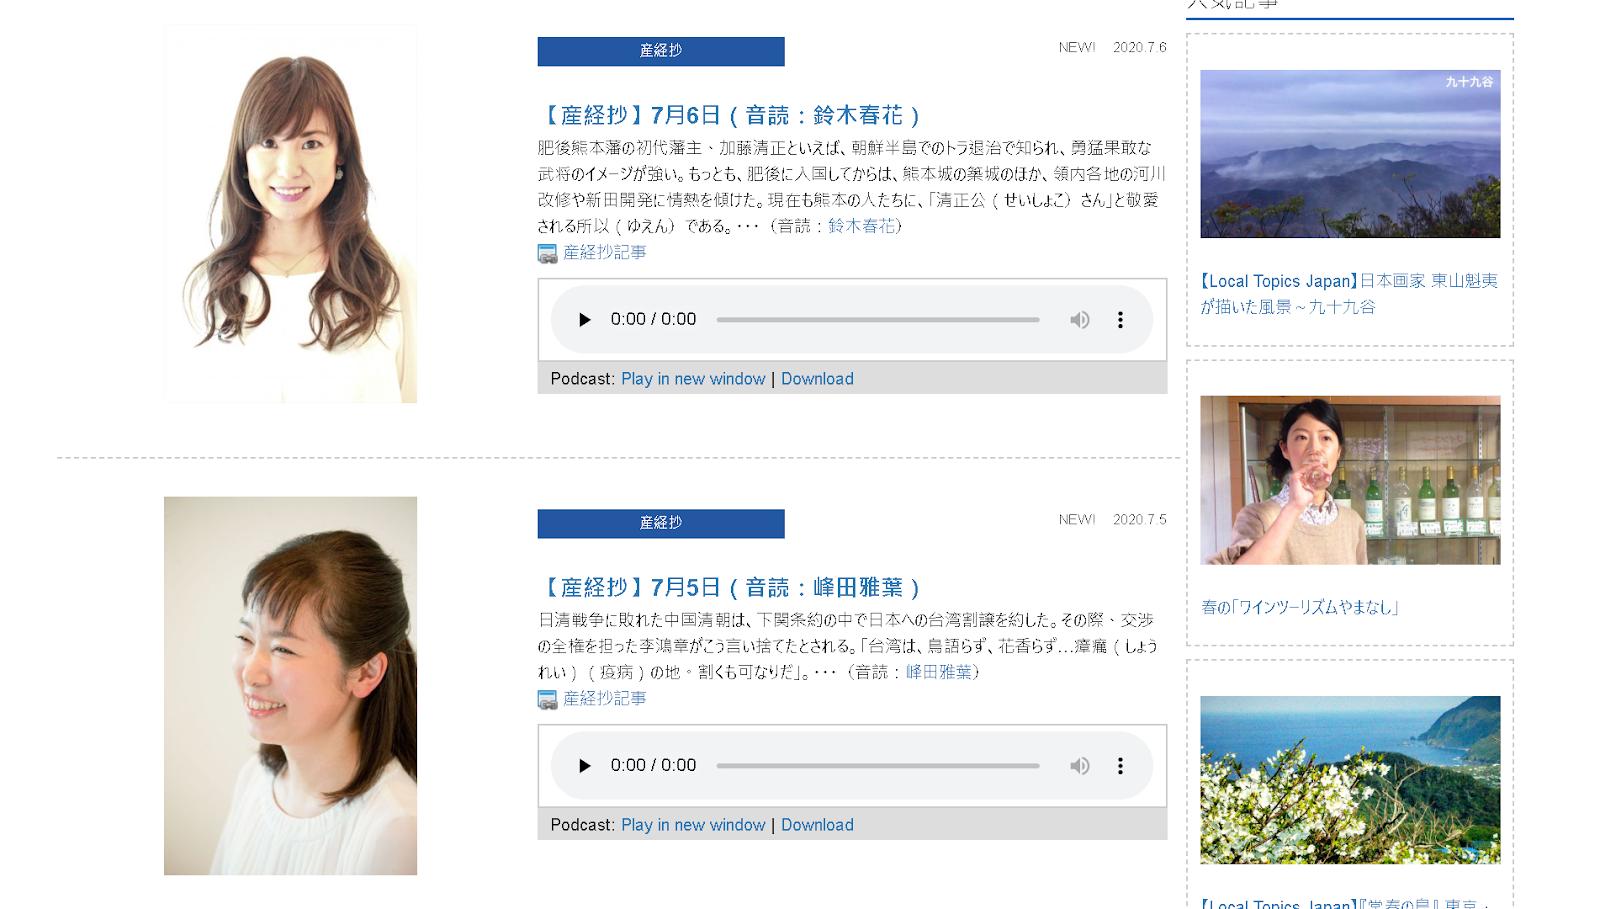 學日文聽力從這裡開始!真人朗讀每天聽(聽力快速進步的超好用方法) - 日語學習網-從現在開始學日文-日文學習 ...